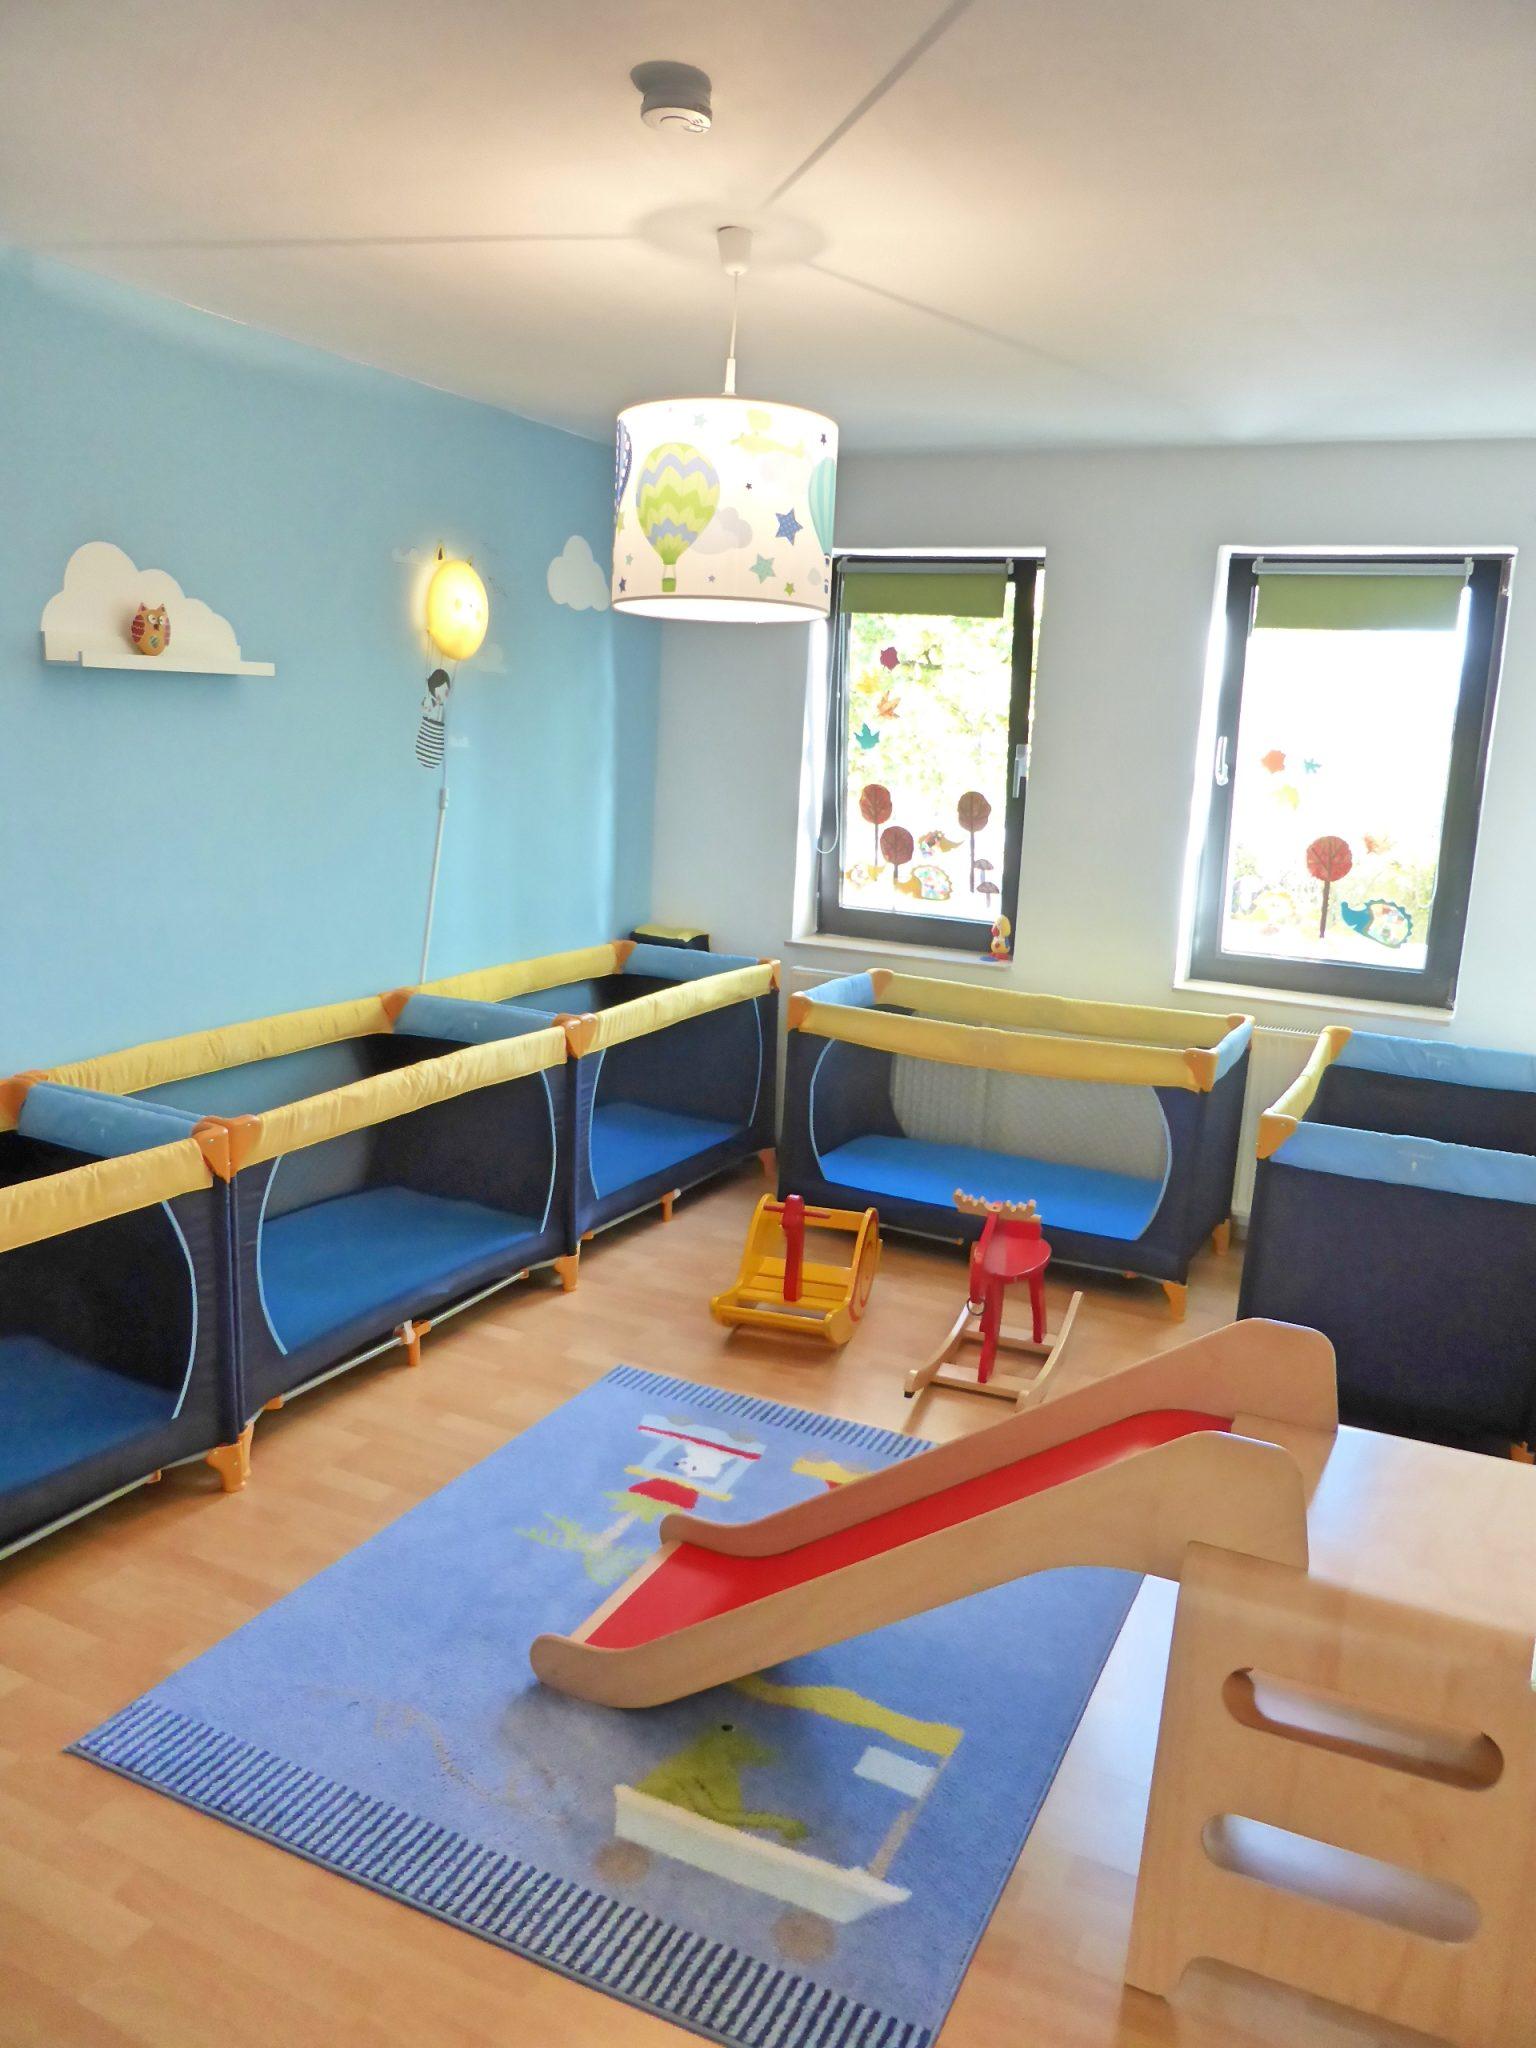 Schlafzimmer 3 Kita Kid Zone Kinderbetreuung - Schlafzimmer